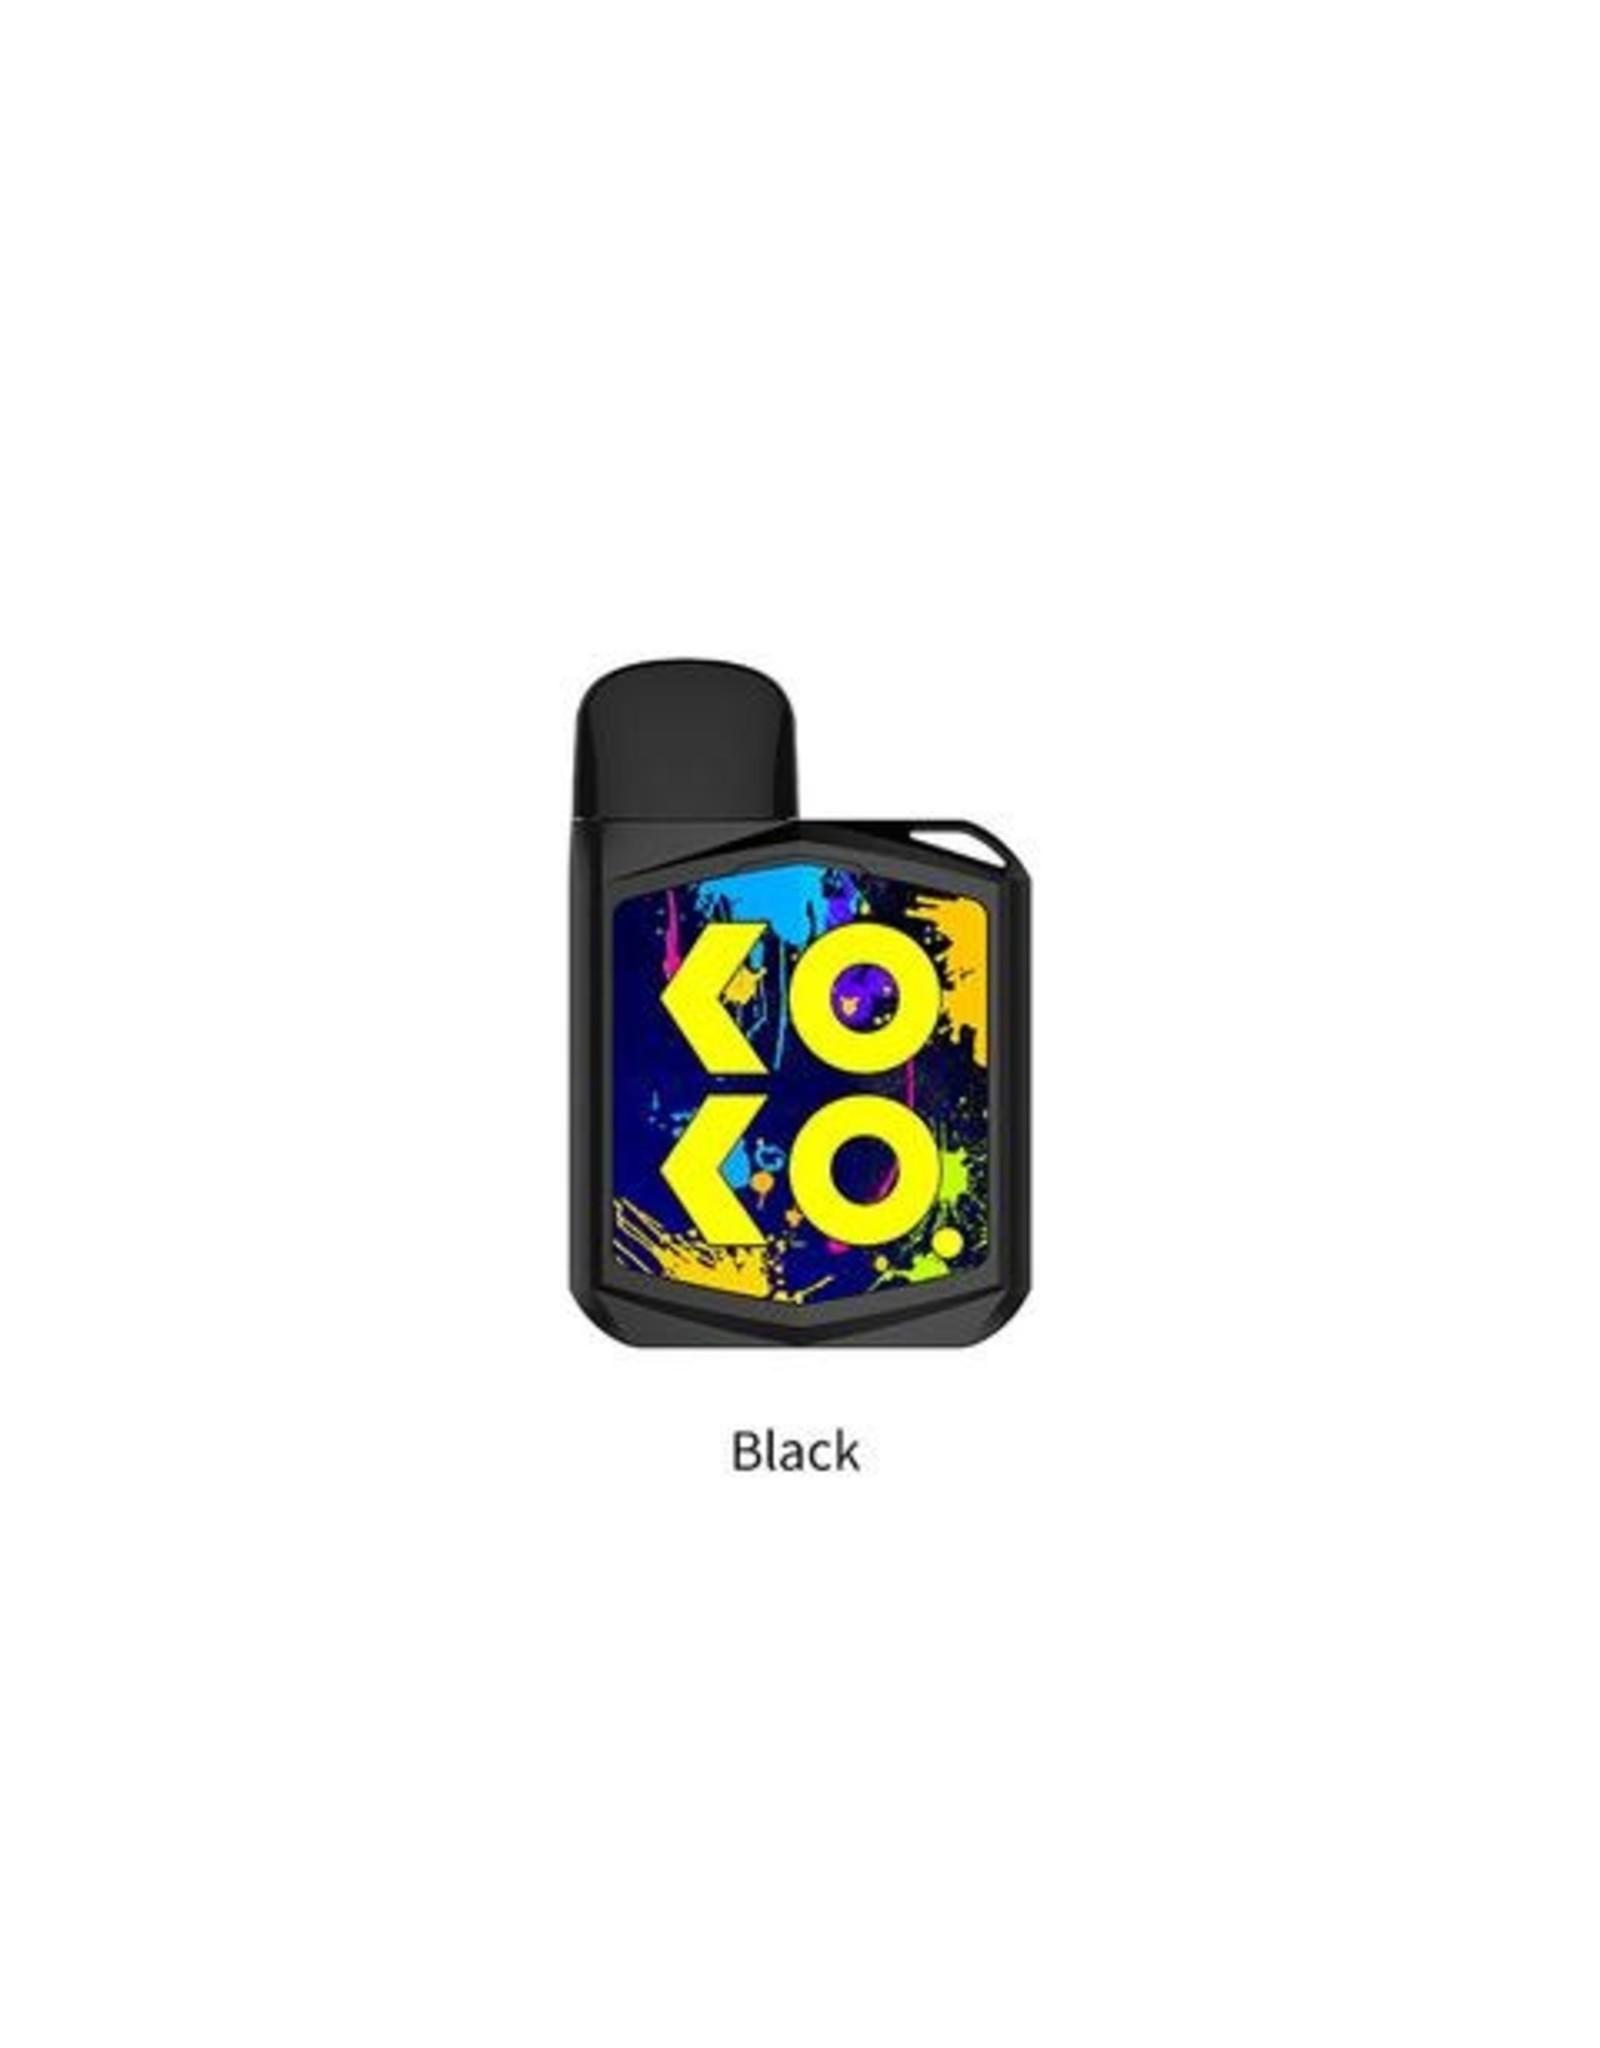 UWELL Uwell - Koko Prime Kit